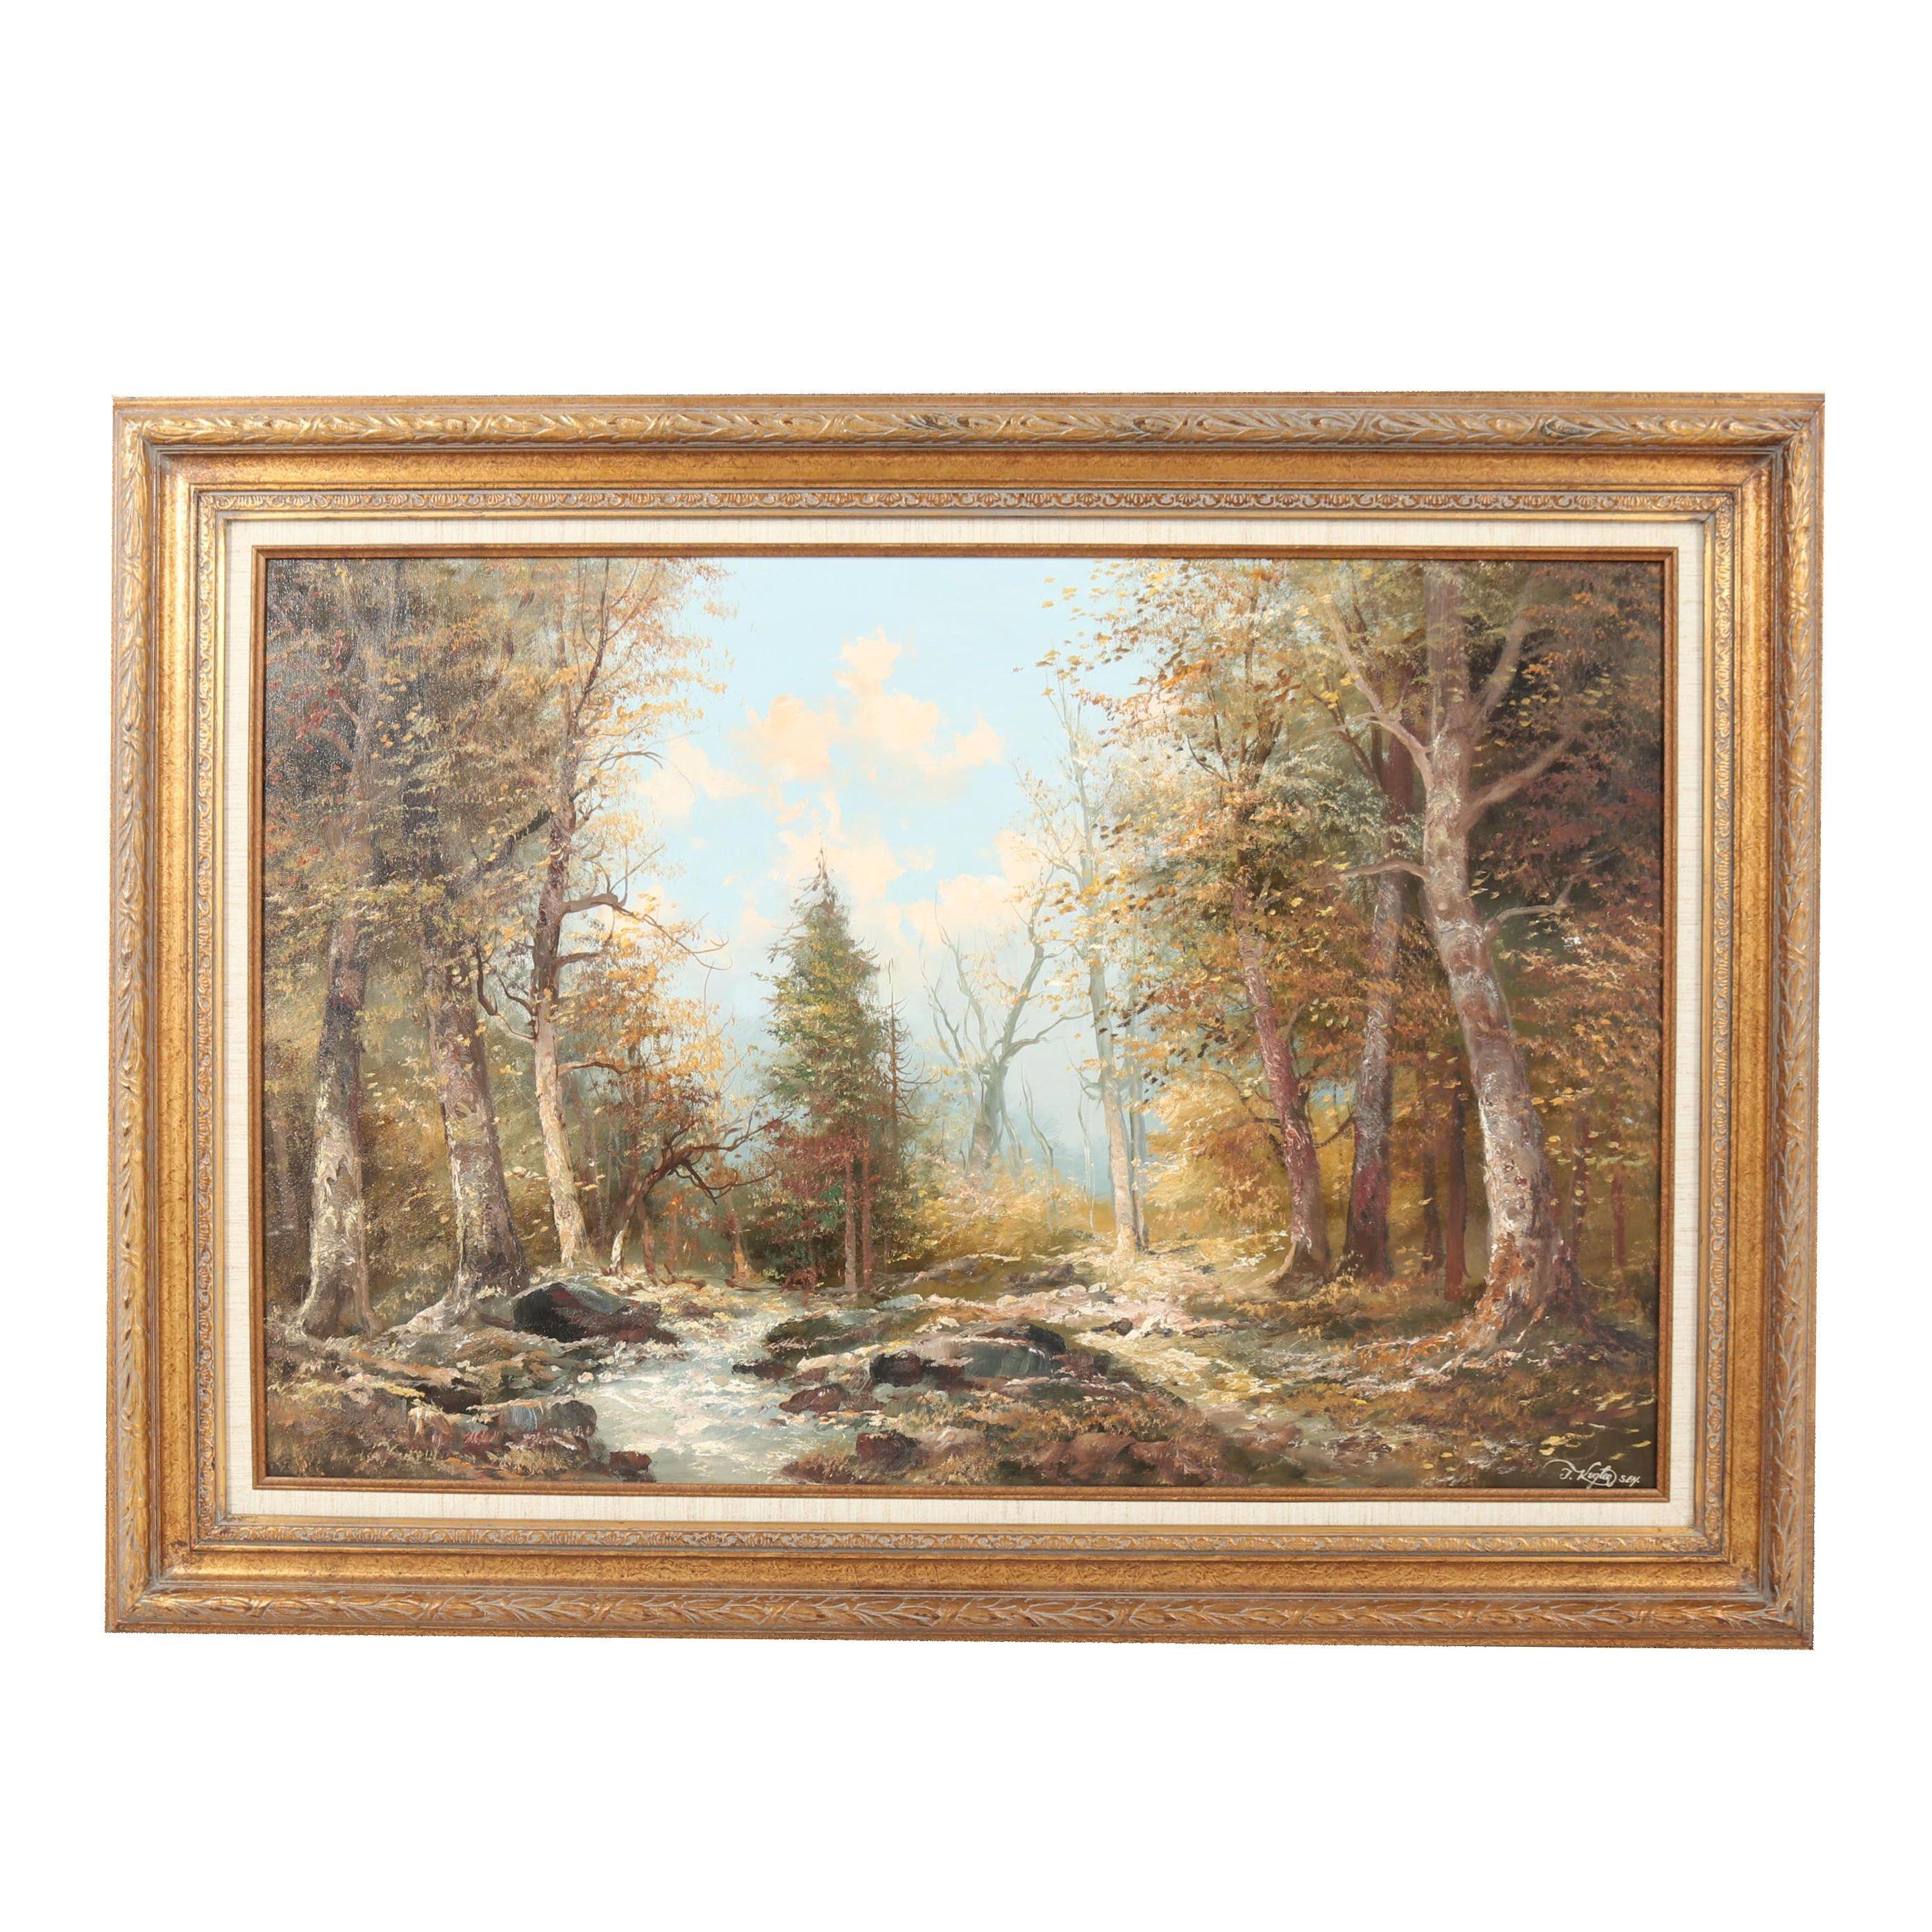 Josef Kugler Senior Landscape Oil Painting